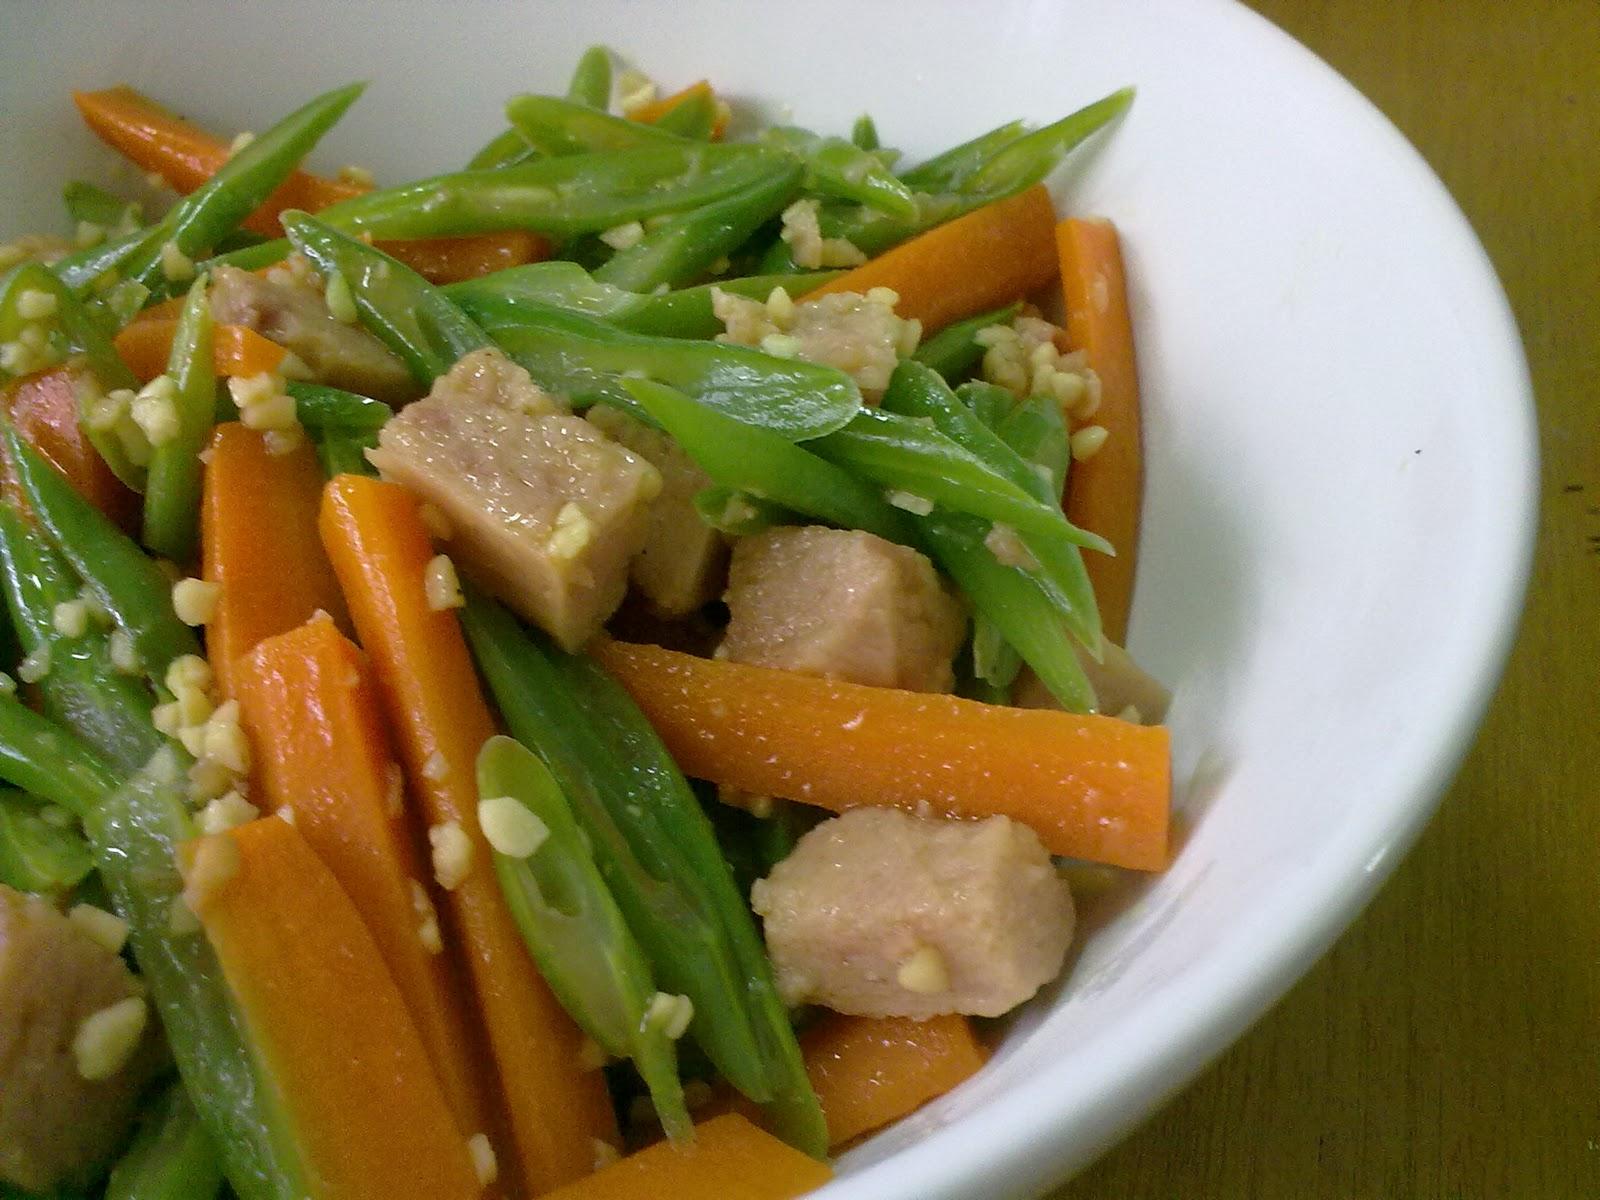 tumis buncis wortel daging giling